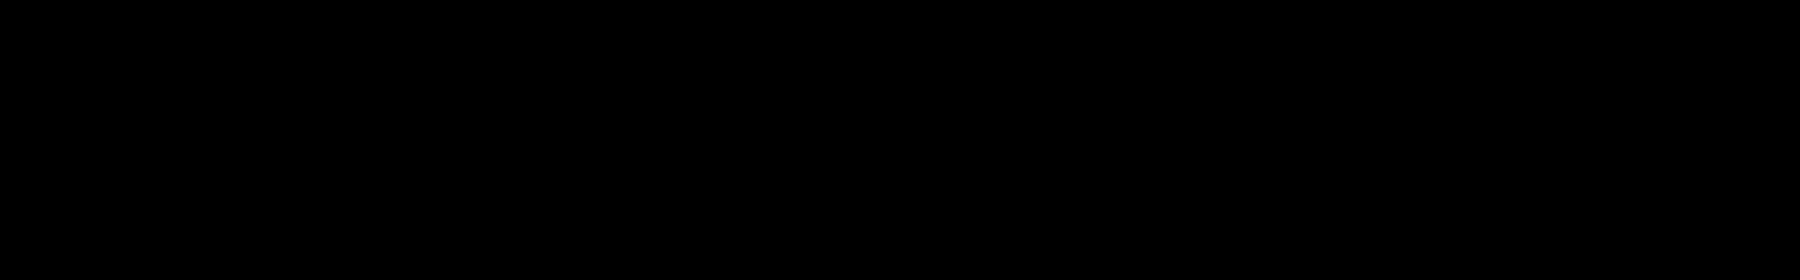 Bootyton audio waveform